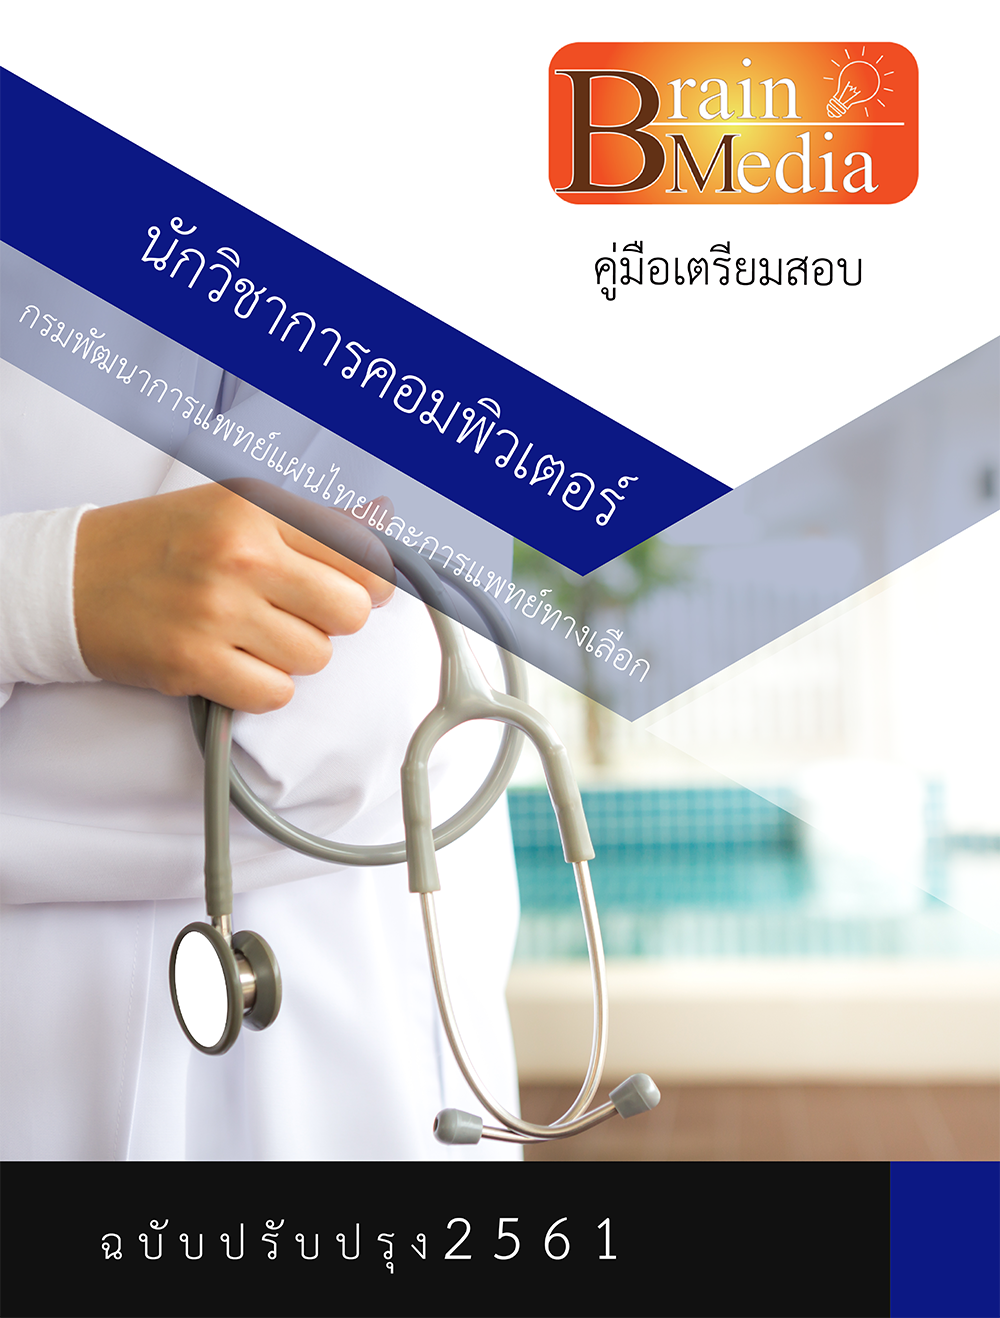 โหลดแนวข้อสอบ นักวิชาการคอมพิวเตอร์ กรมพัฒนาการแพทย์แผนไทยและการแพทย์ทางเลือก